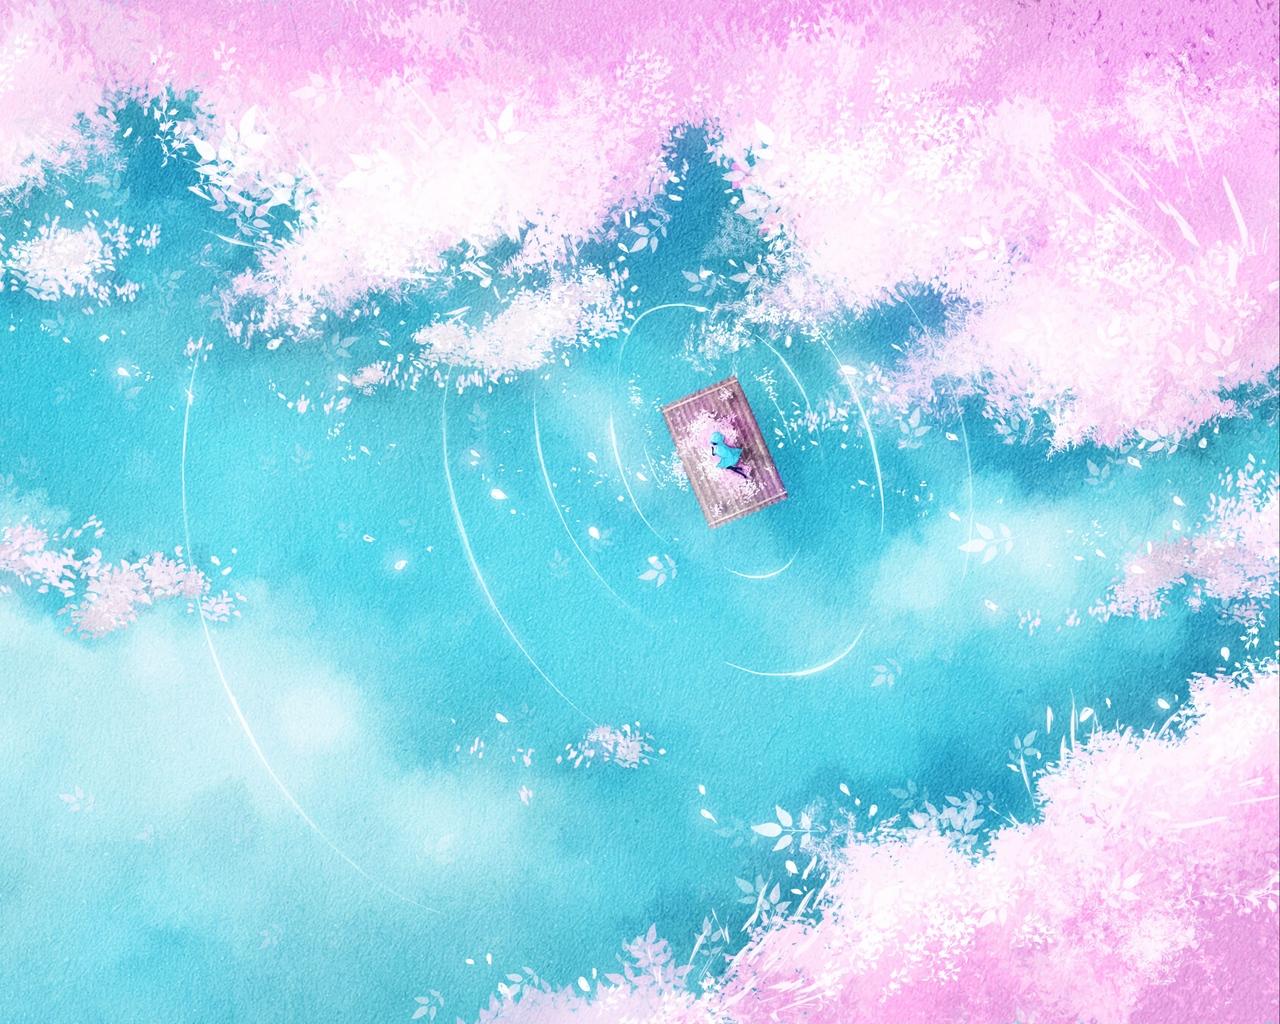 Download wallpaper 1280x1024 lake raft silhouette shore art 1280x1024